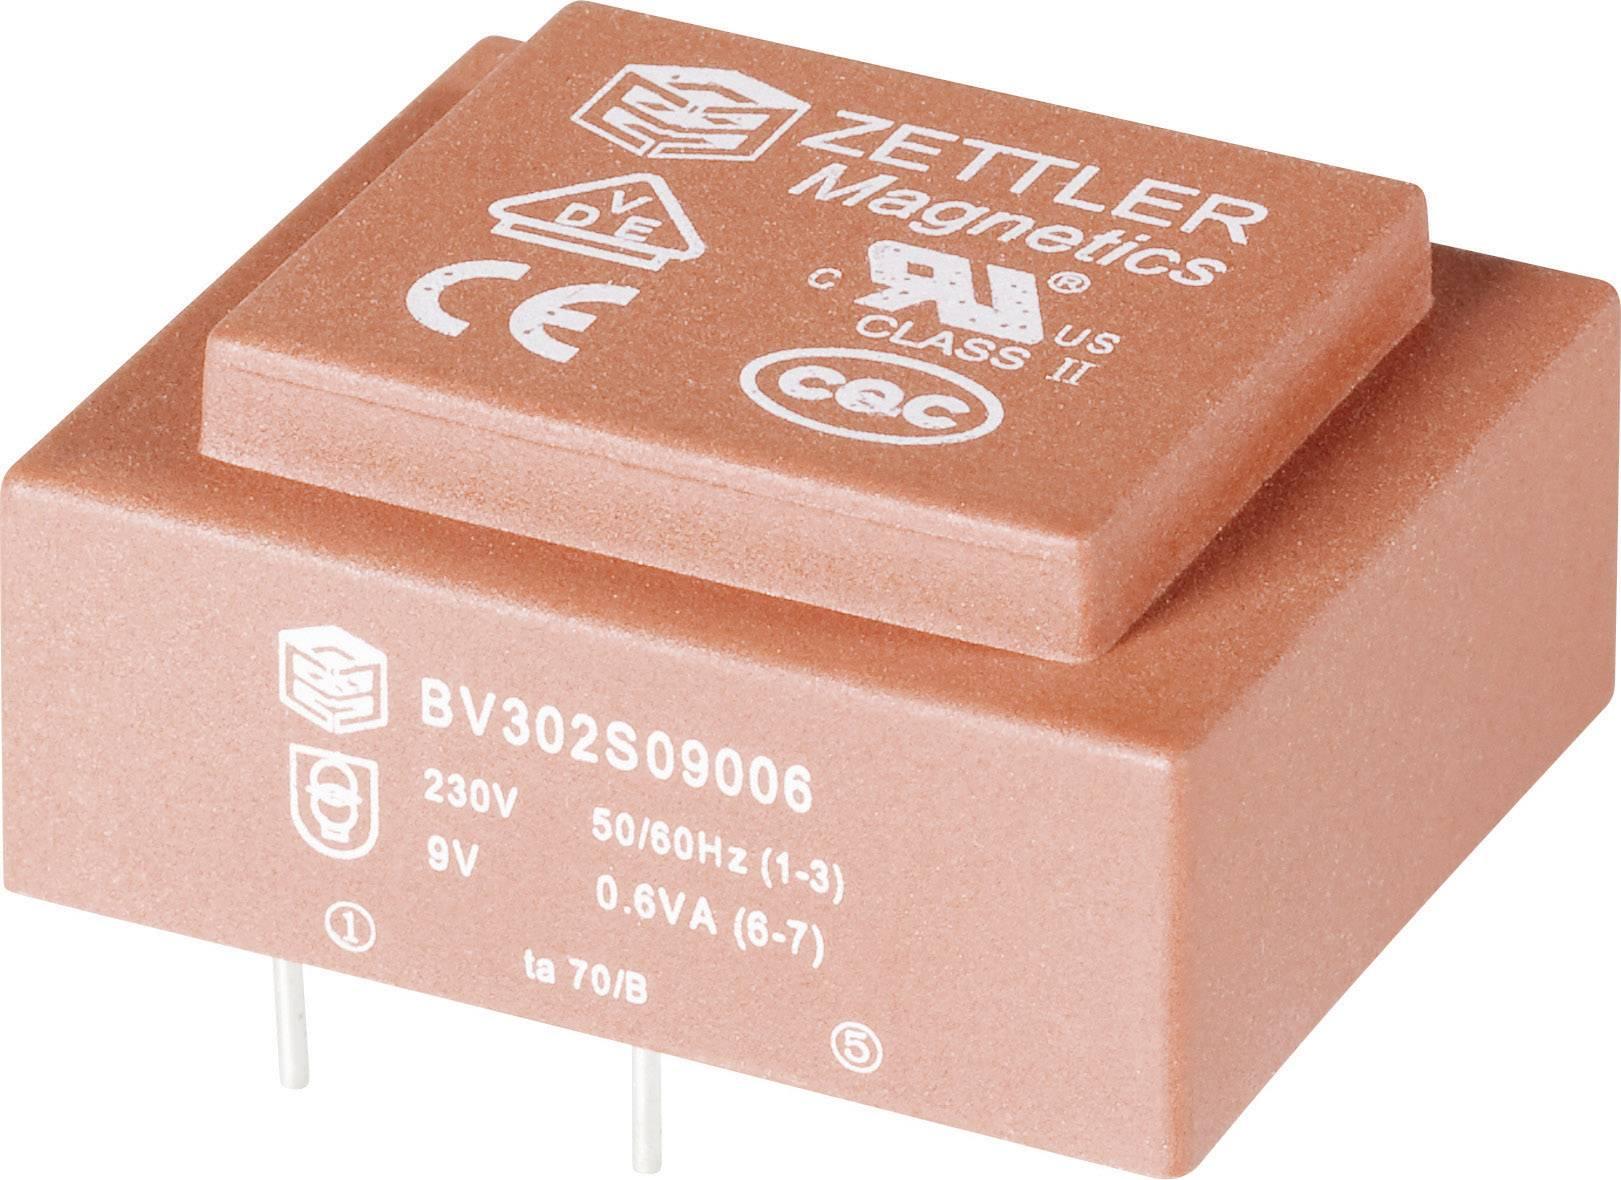 Transformátor do DPS Zettler Magnetics El30, 230 V/12 V, 50 mA, 2 VA